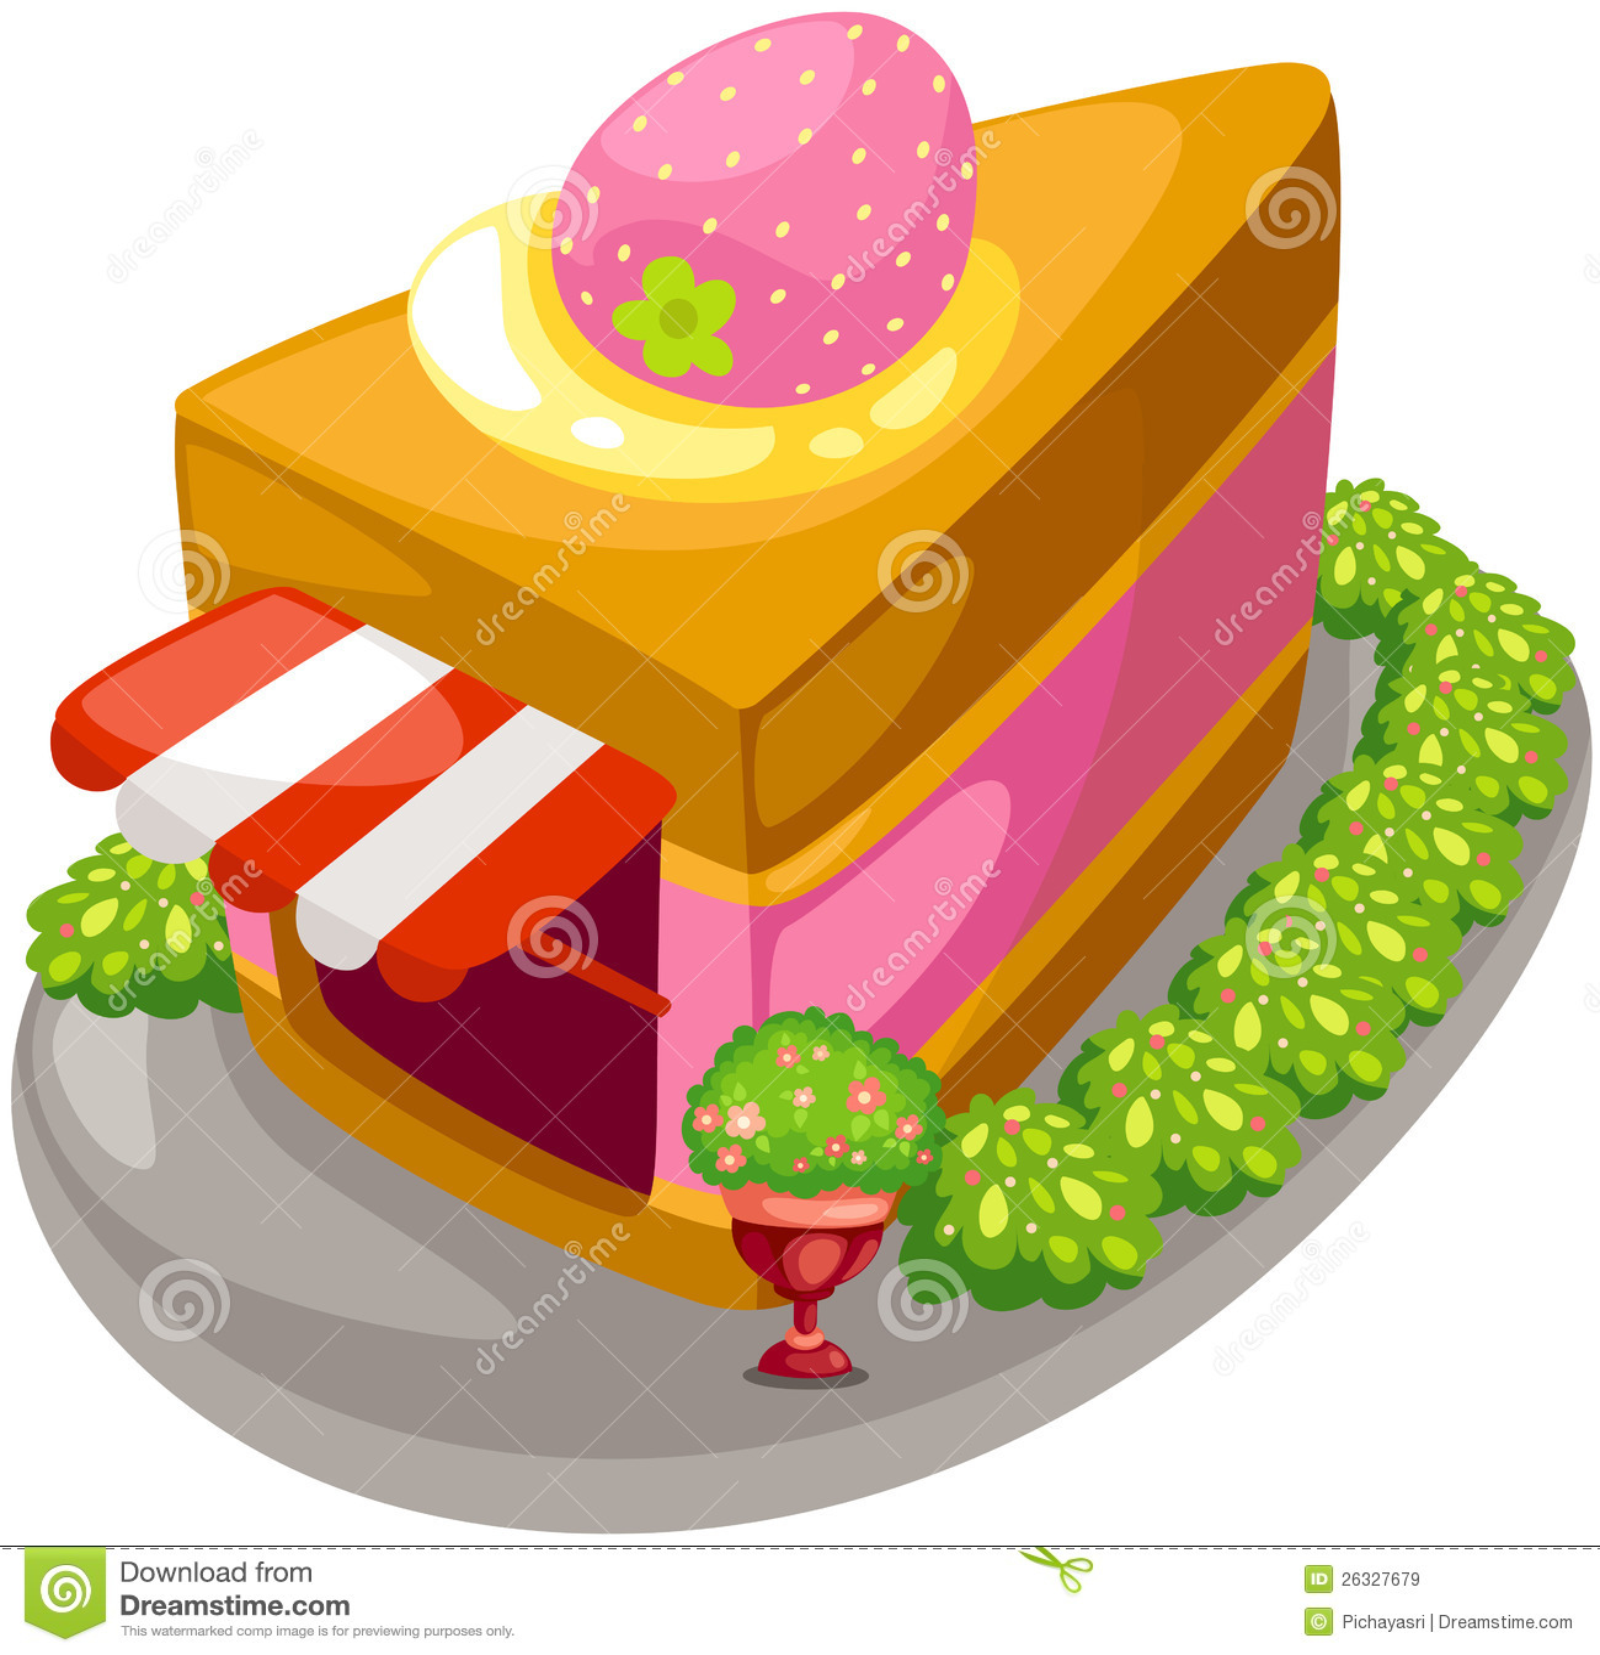 Kuchensystem